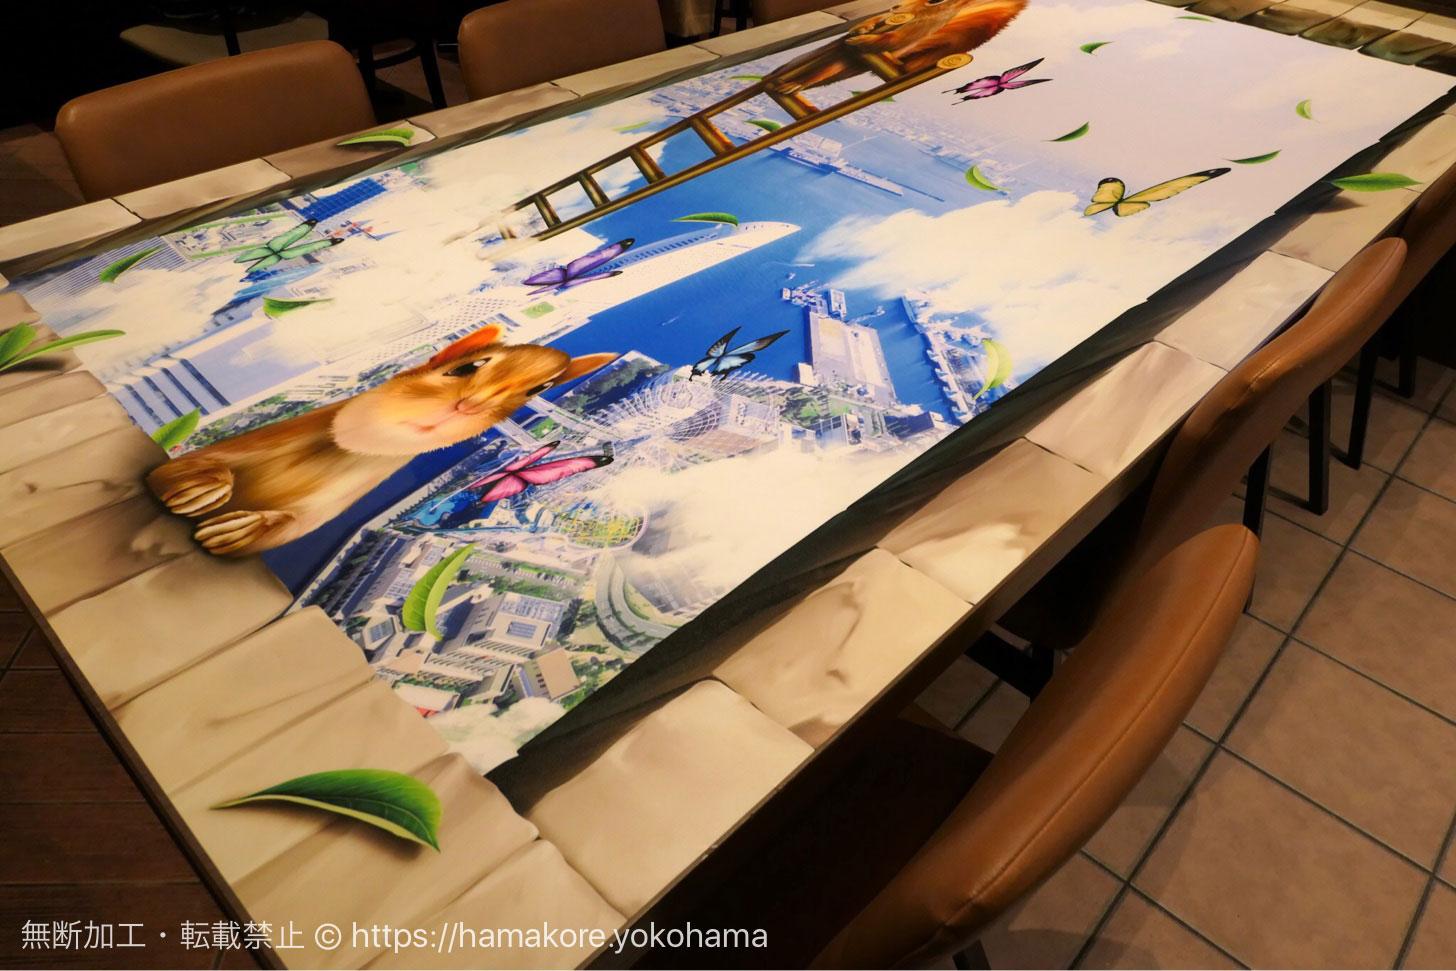 チャタイム MARK IS みなとみらい店 3Dアートのテーブル 別の角度